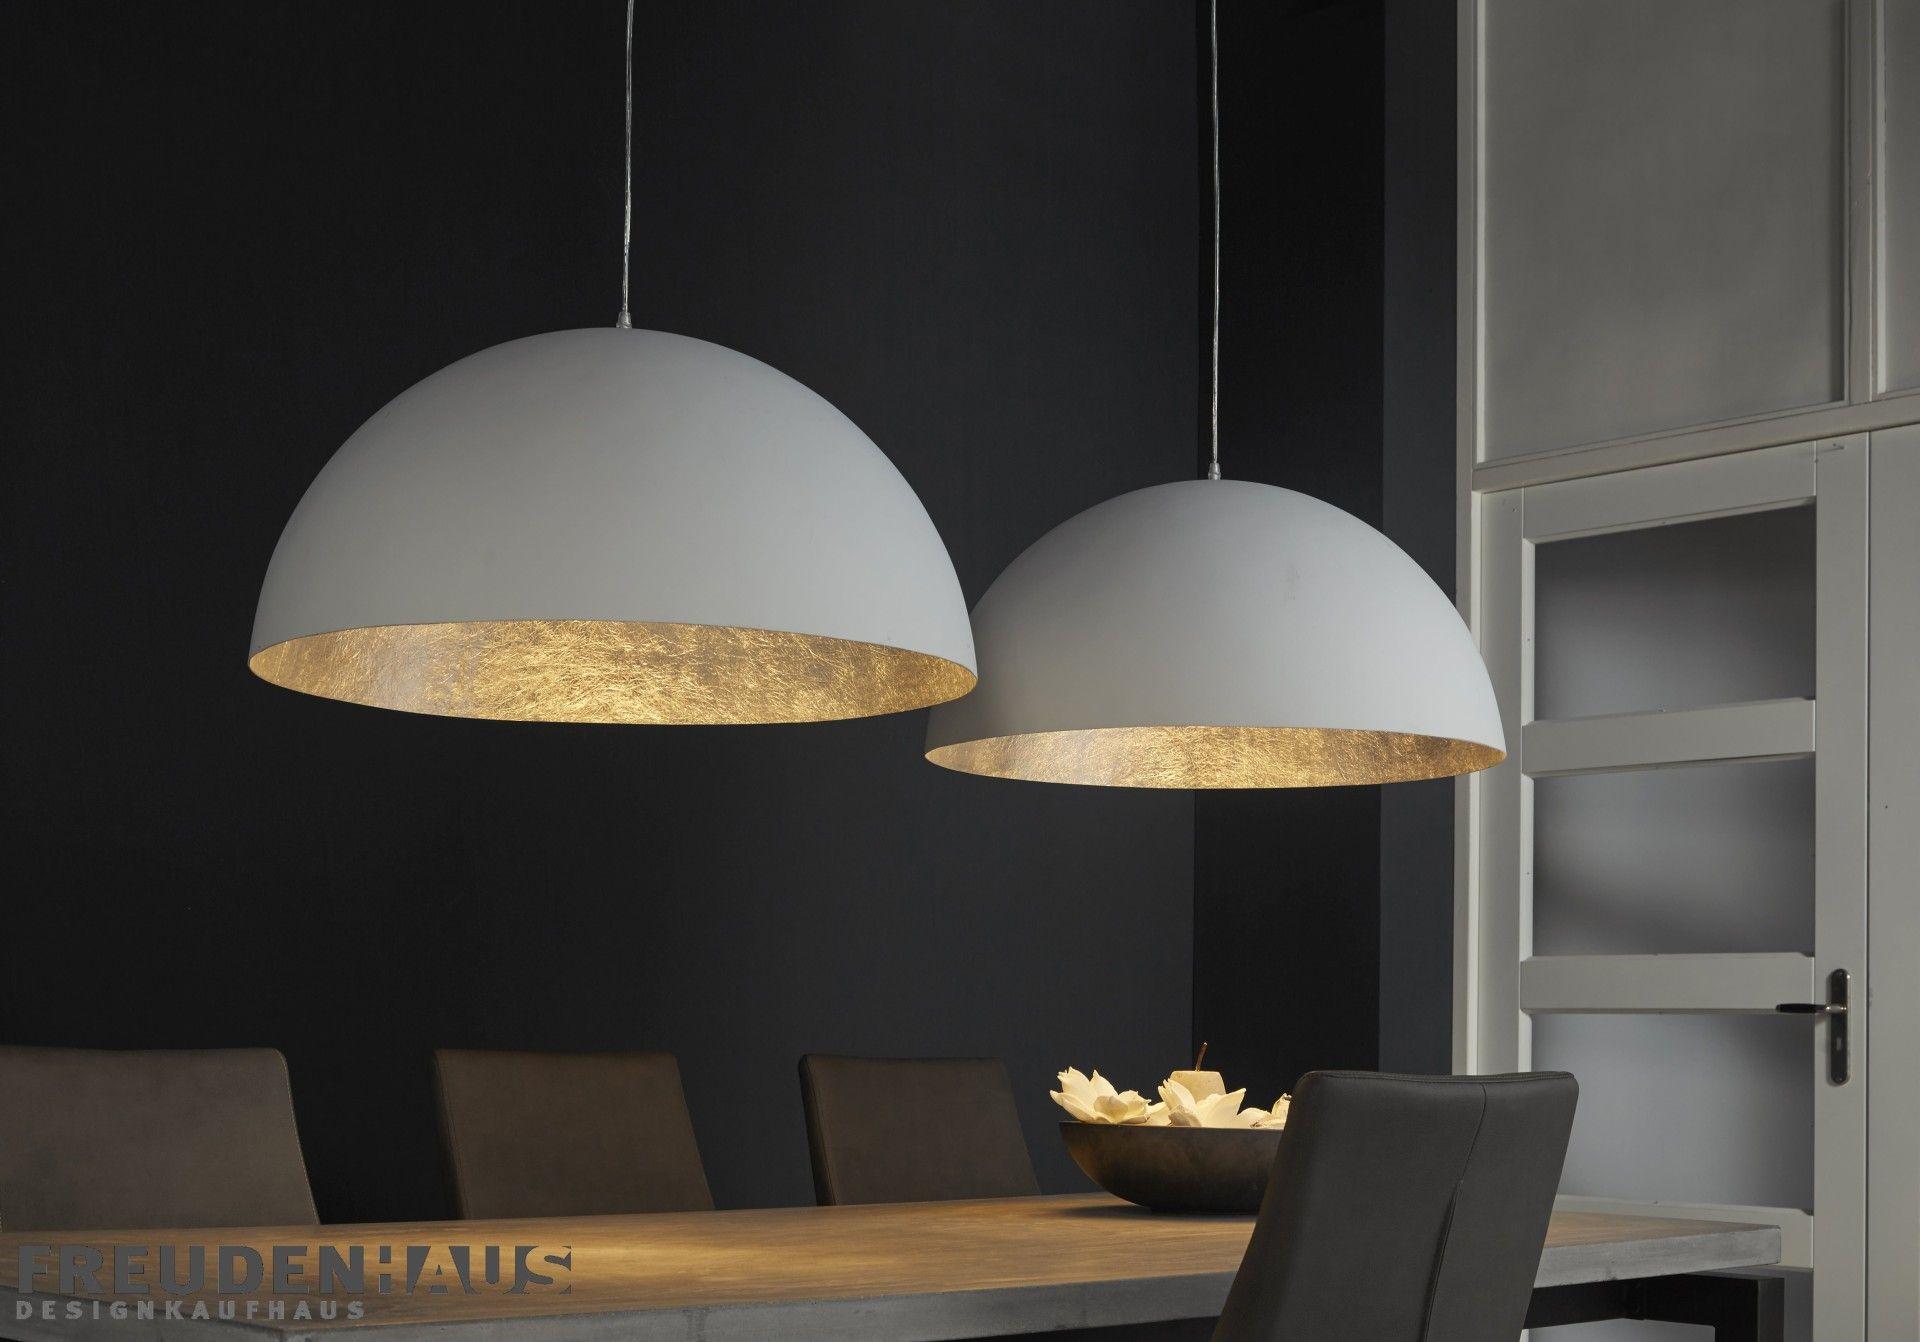 Glanz Und Extravaganz Factory Loft Style In Kombination Mit Glamourosem Gold Und Silber Das Ist Die Hangelampe Dotto Esszimmerlampe Lampen Wohnzimmer Lampen